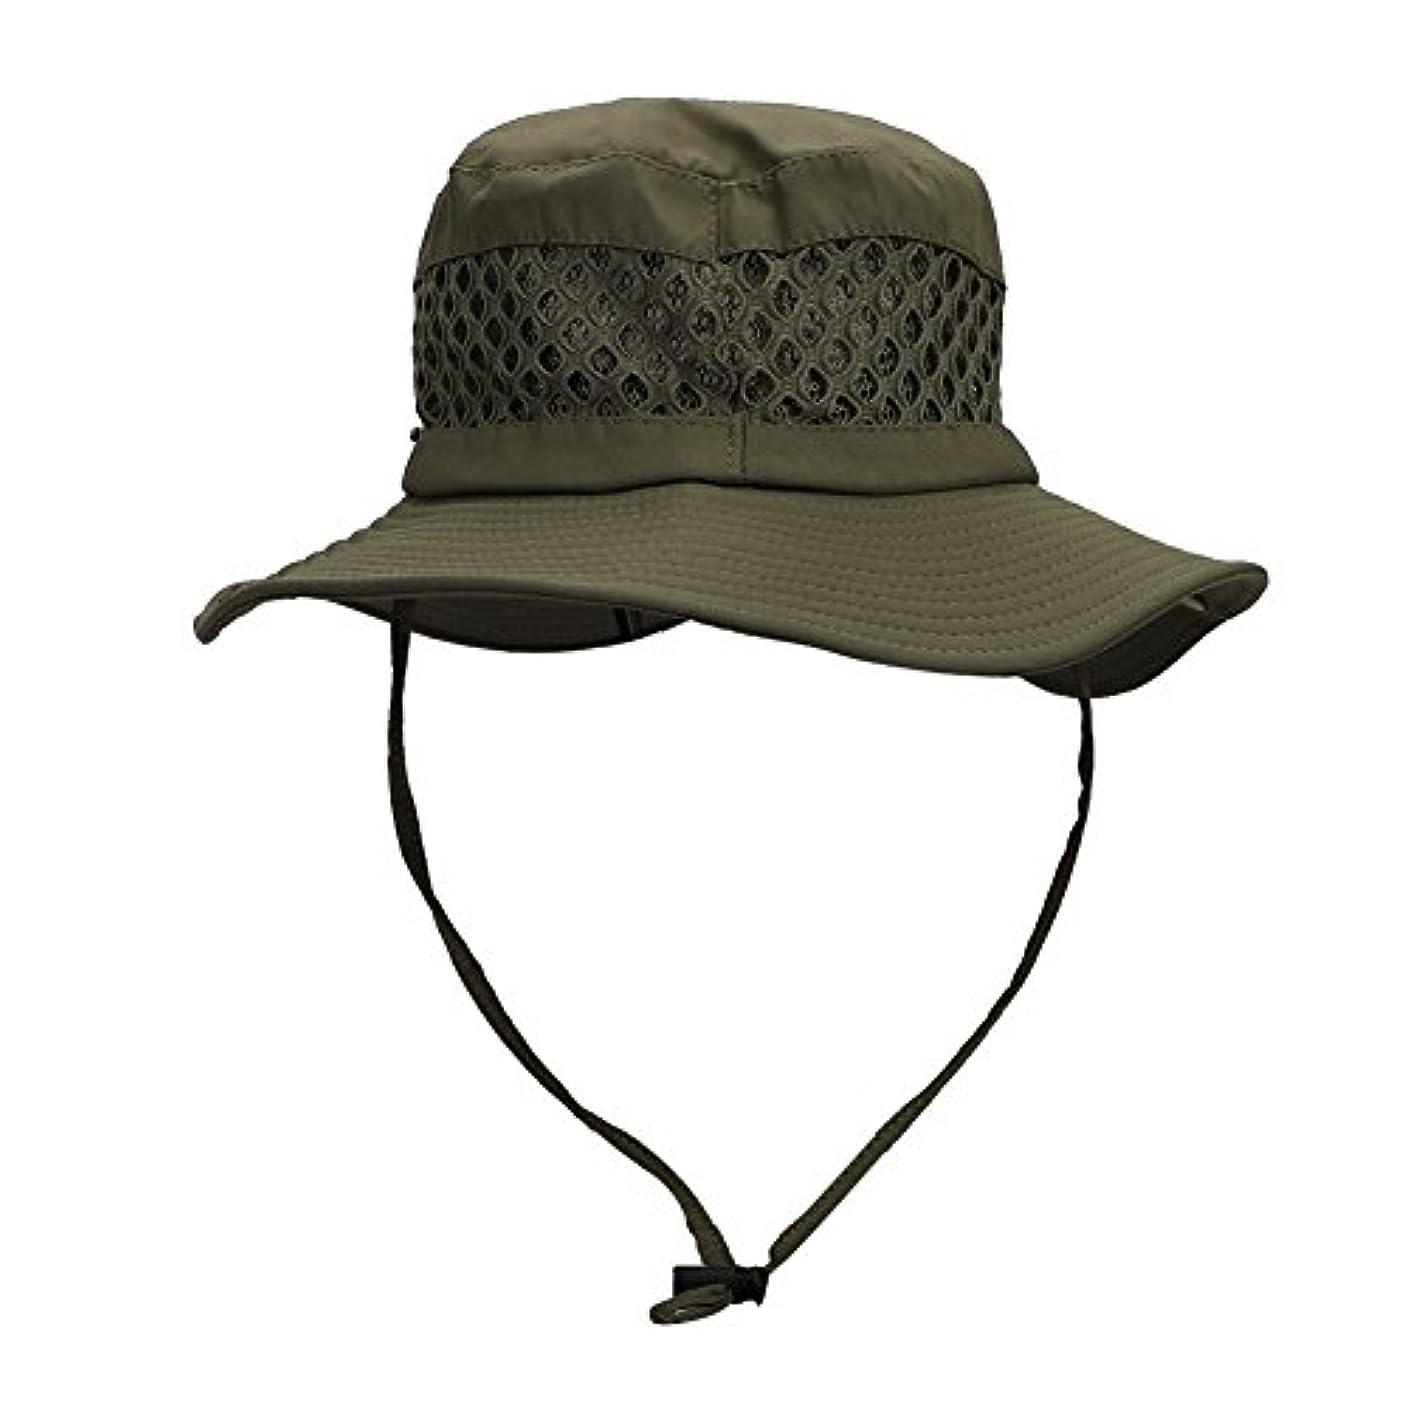 ボーカルサイレン間違いUVカット帽子 日除け帽子 サーフハット メンズ レディース 紫外線対策 日焼け防止 メッシュ 通気性がいい 漁師キャップ フィッシングハット 農作業帽子 ガーデニング 登山 アウトドア 春夏 サイズ調節可